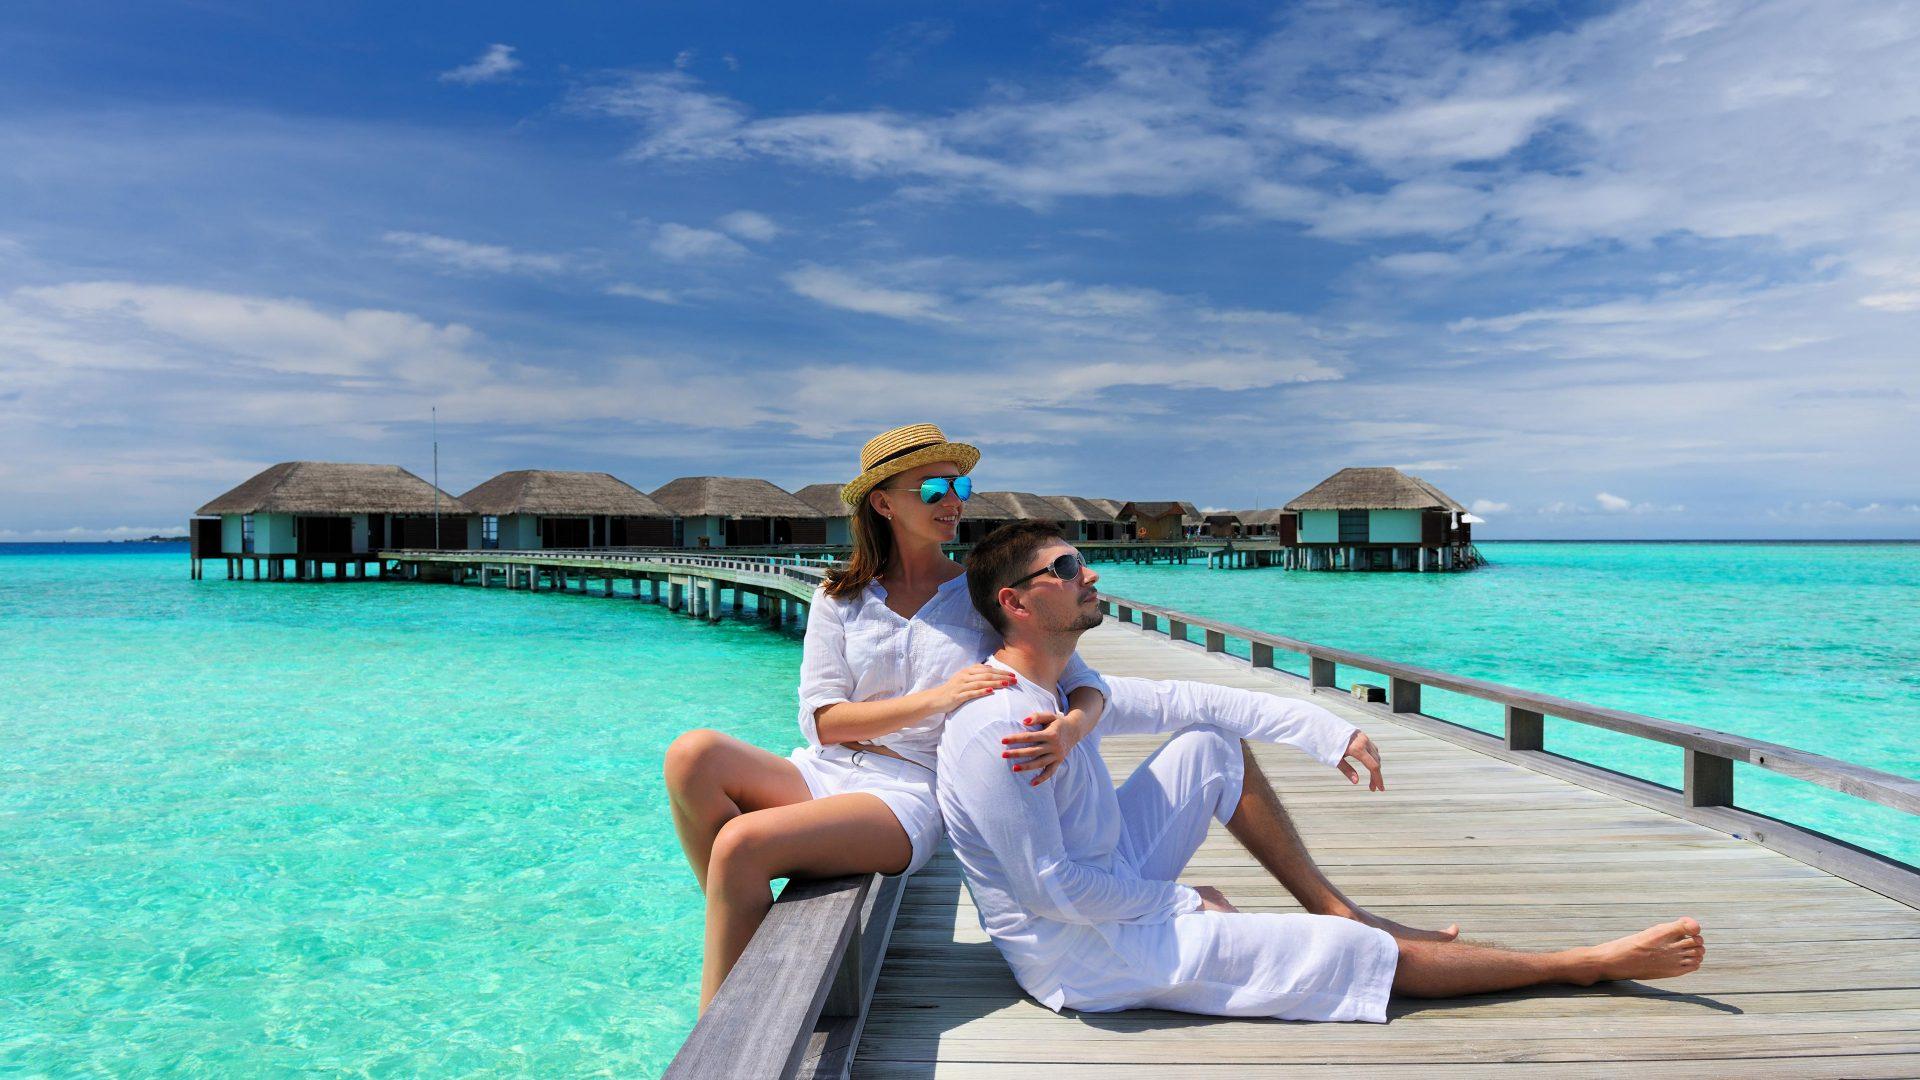 10 Tempat Paling Romantis di Dunia, Bisa buat Kado Valentine Nih!